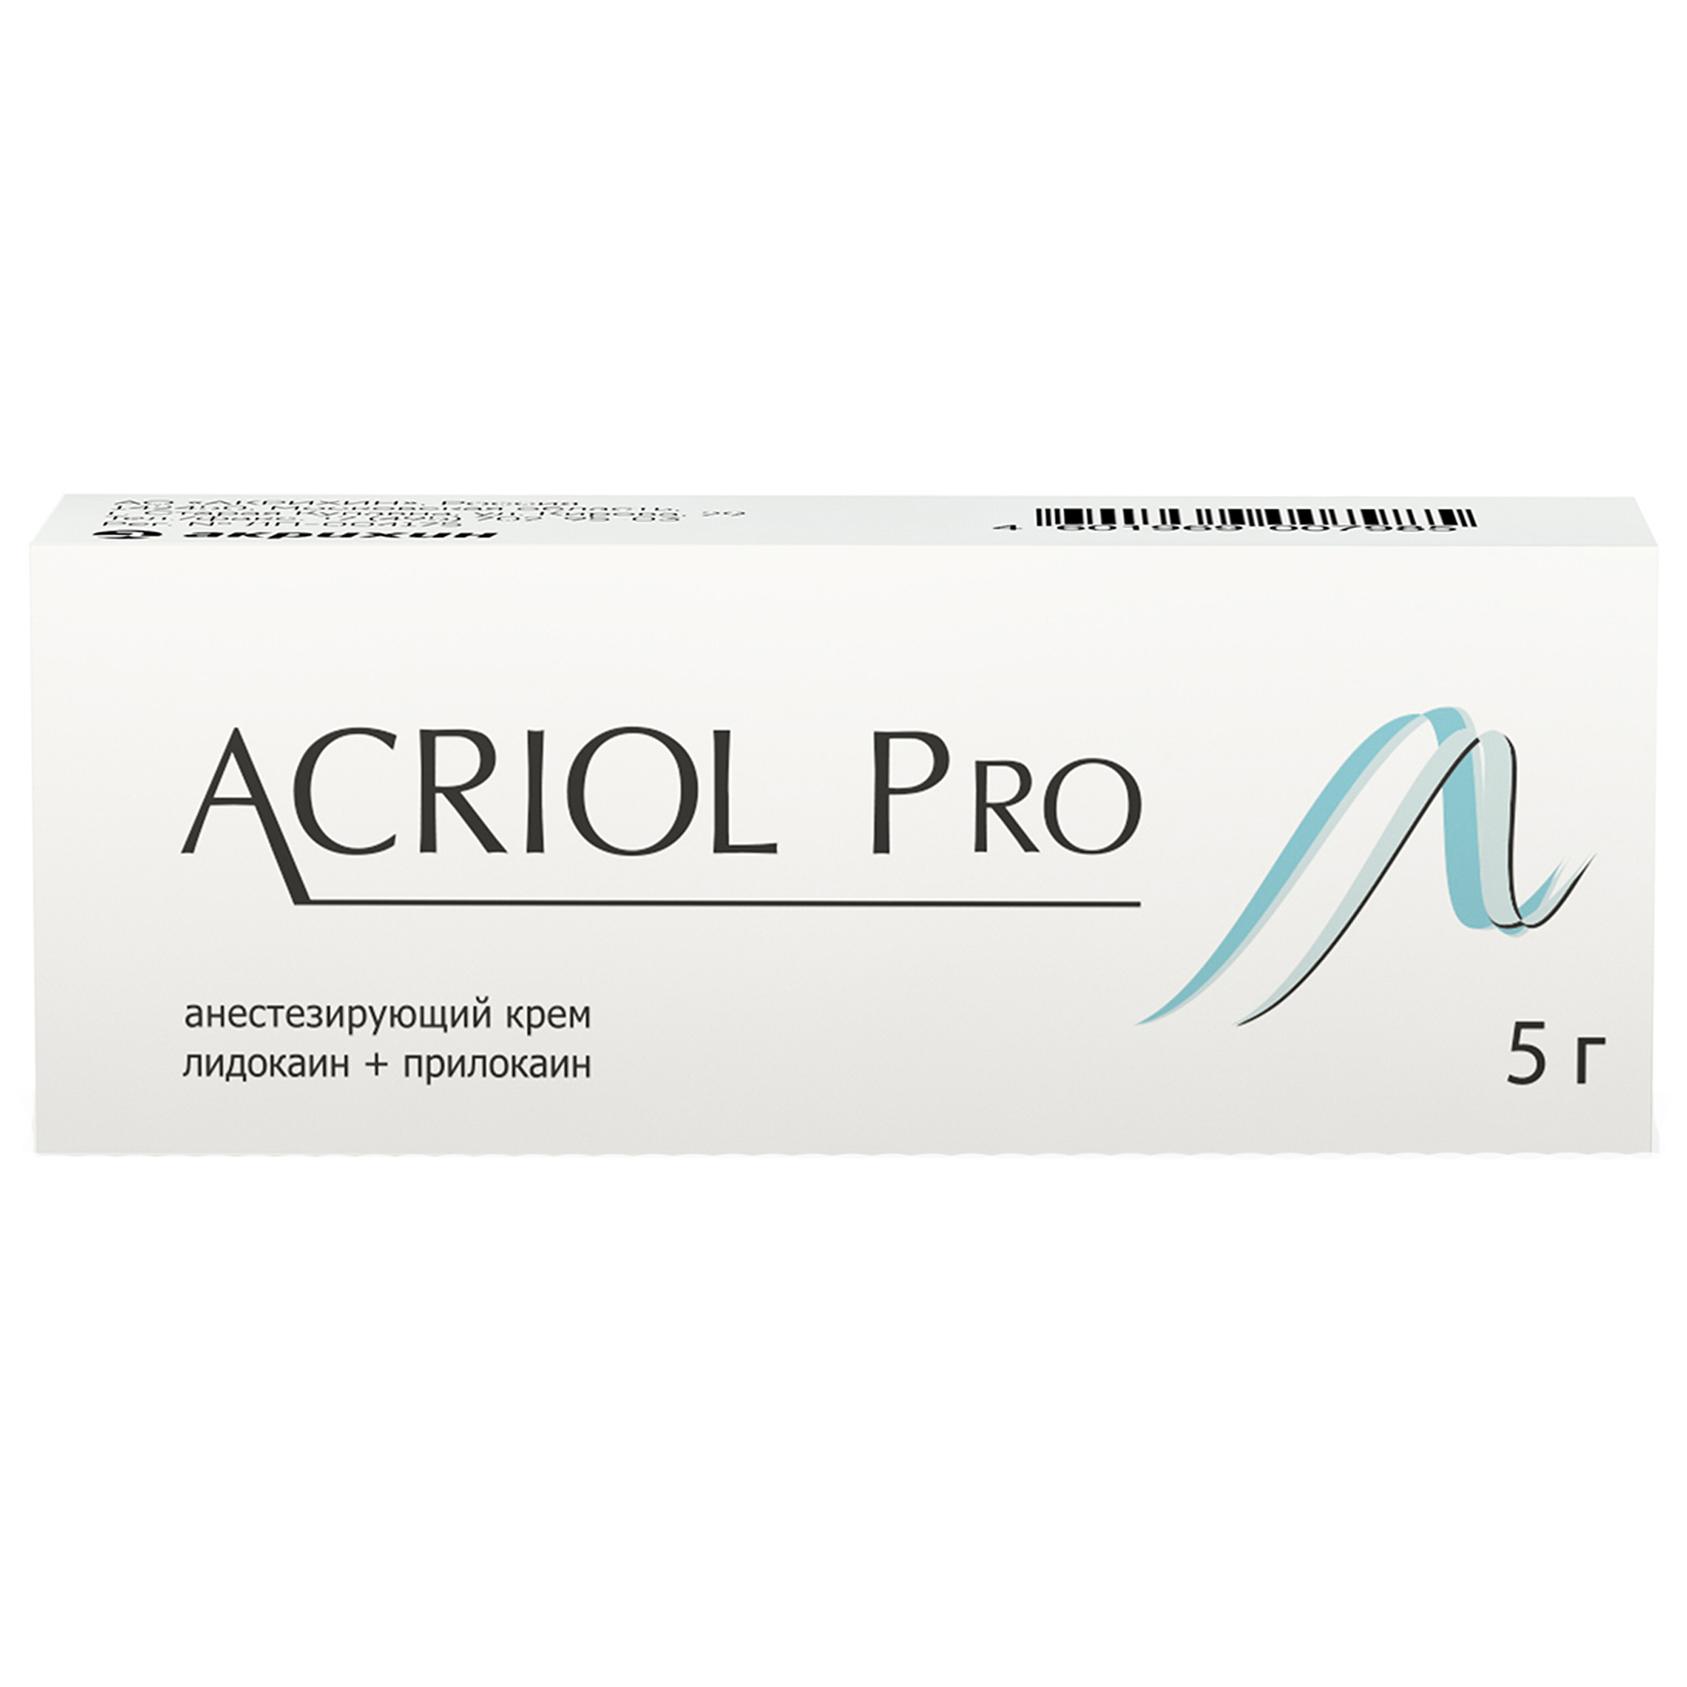 Акриол ПРО крем 2,5%+2,5% 5 г